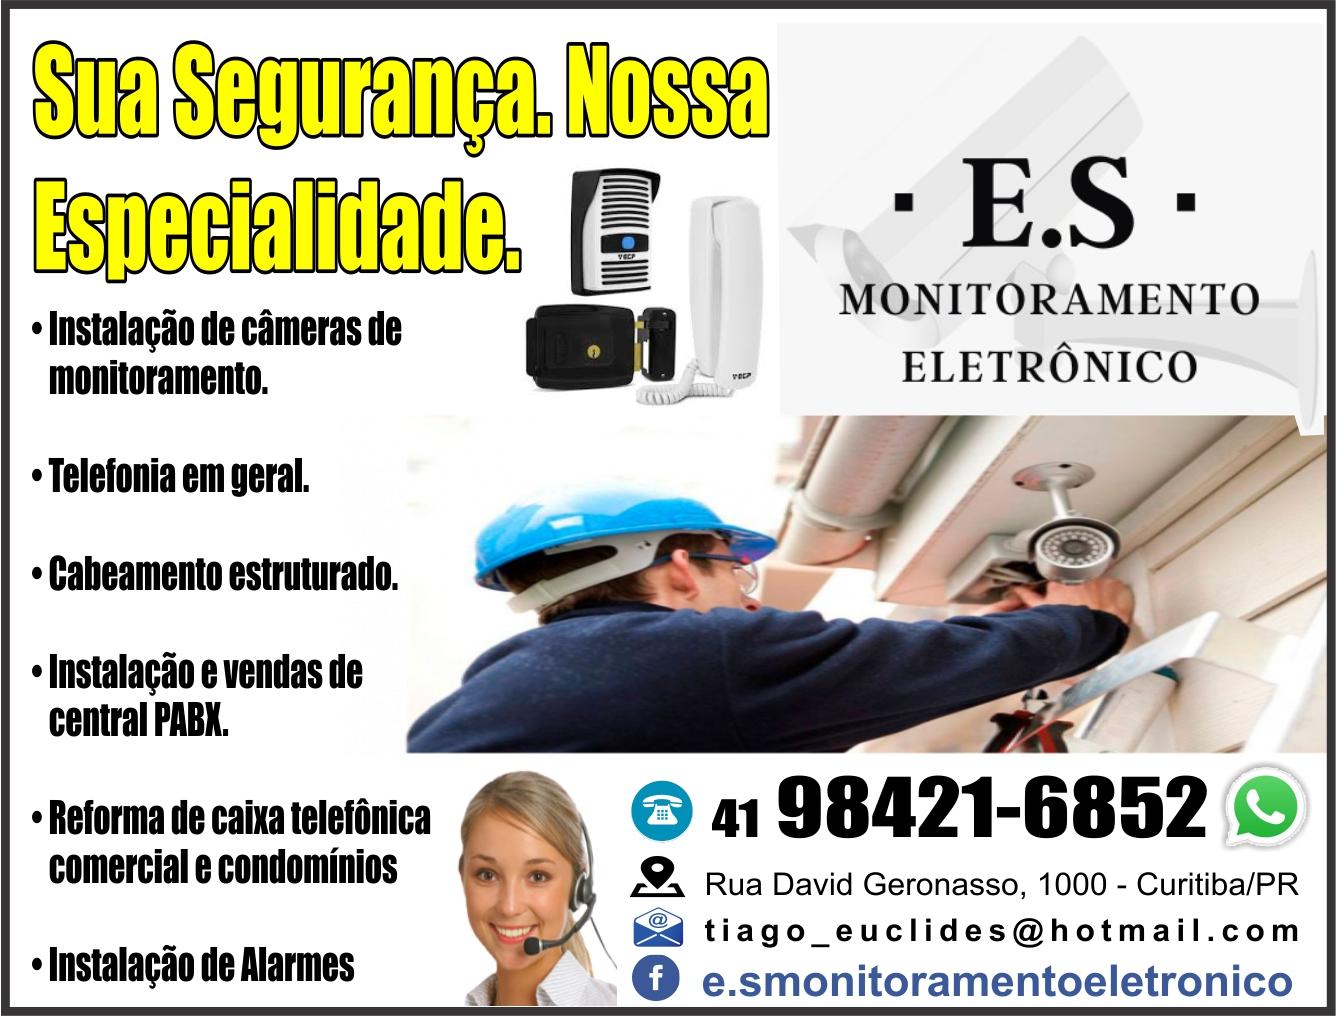 E.S Monitoramento Eletrônico      RUA DAVID GERONASSO, 1000, CURITIBA - PR  Fones: (41) 98421-6852